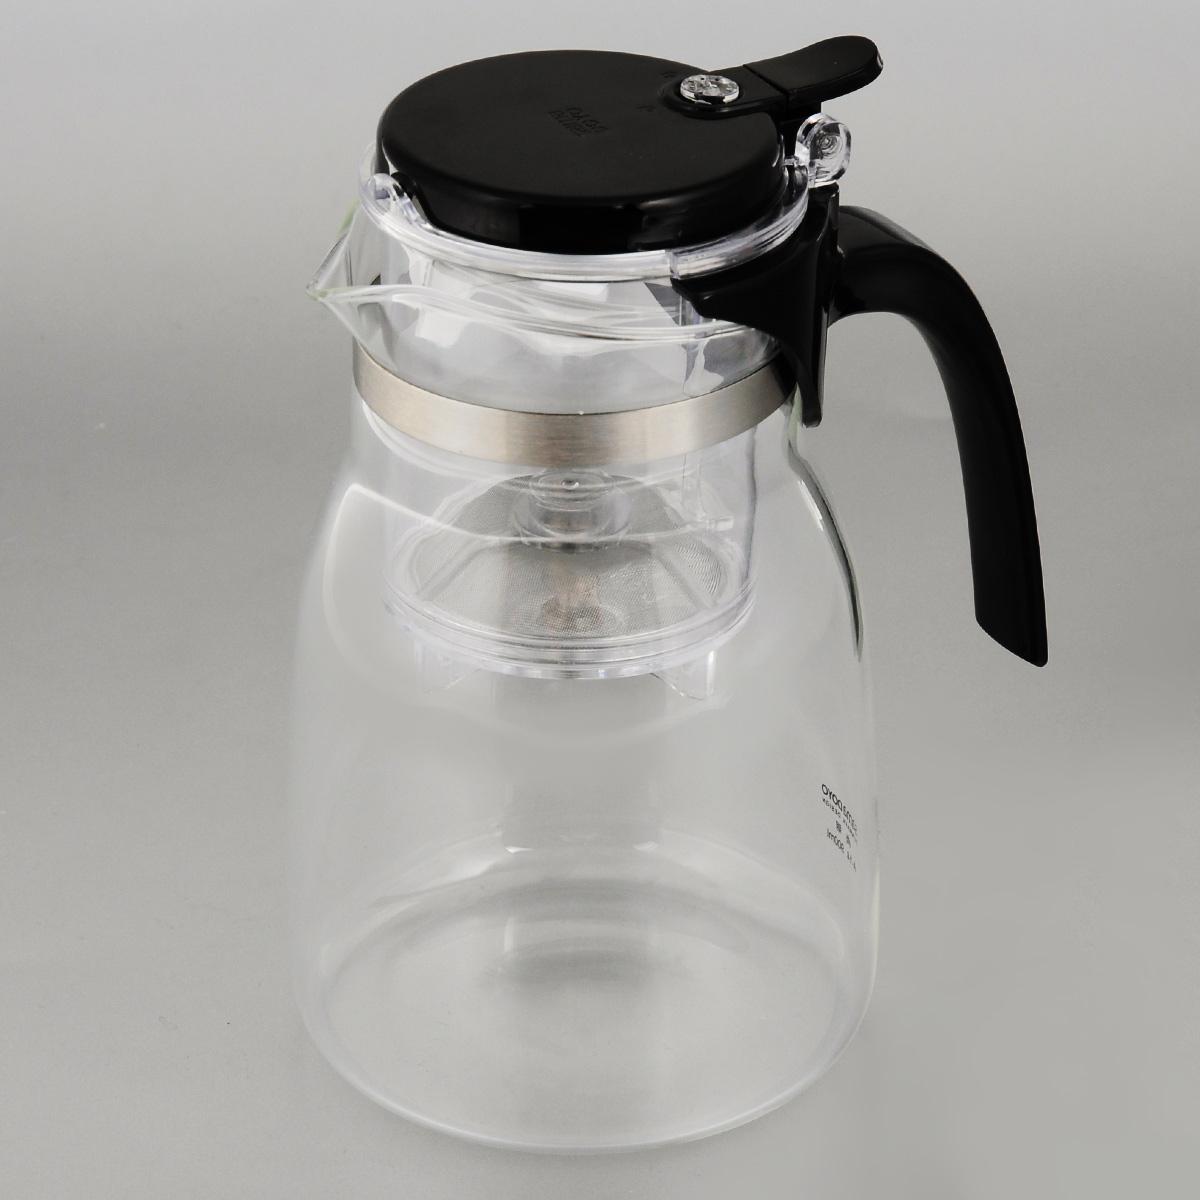 Чайник заварочный Samadoyo, 900 мл. Sag 08+Sag 08+Чайник заварочный (гунфу) Samadoyo - простой и в тоже время профессиональный инструмент для того, чтобы заварить Ваш любимый чай. Уникальный механизм слива чайного настоя позволяет Вам получить напиток любой степени крепости. Такая технология заваривания чая повторяет основной смысл чайной церемонии - получить напиток максимального качества. При этом имеет два существенных преимущества - мобильность и простоту. Способ применения: засыпьте Ваш любимый чай в колбу и залейте горячую воду. Для слива чайного настоя из колбы в чайник просто нажмите кнопку. Чайник можно не только комфортно использовать на работе или в офисе, но и взять с собой в путешествие, чтобы Ваш любимый чай был всегда с Вами! Чайник выполнен из высококачественного боросиликатного стекла и выдерживает температуры до 180 С, что позволяет не беспокоиться относительно слишком горячего кипятка. Заварочная колба выполнена из специального пищевого пластика, имеет металлическую ...